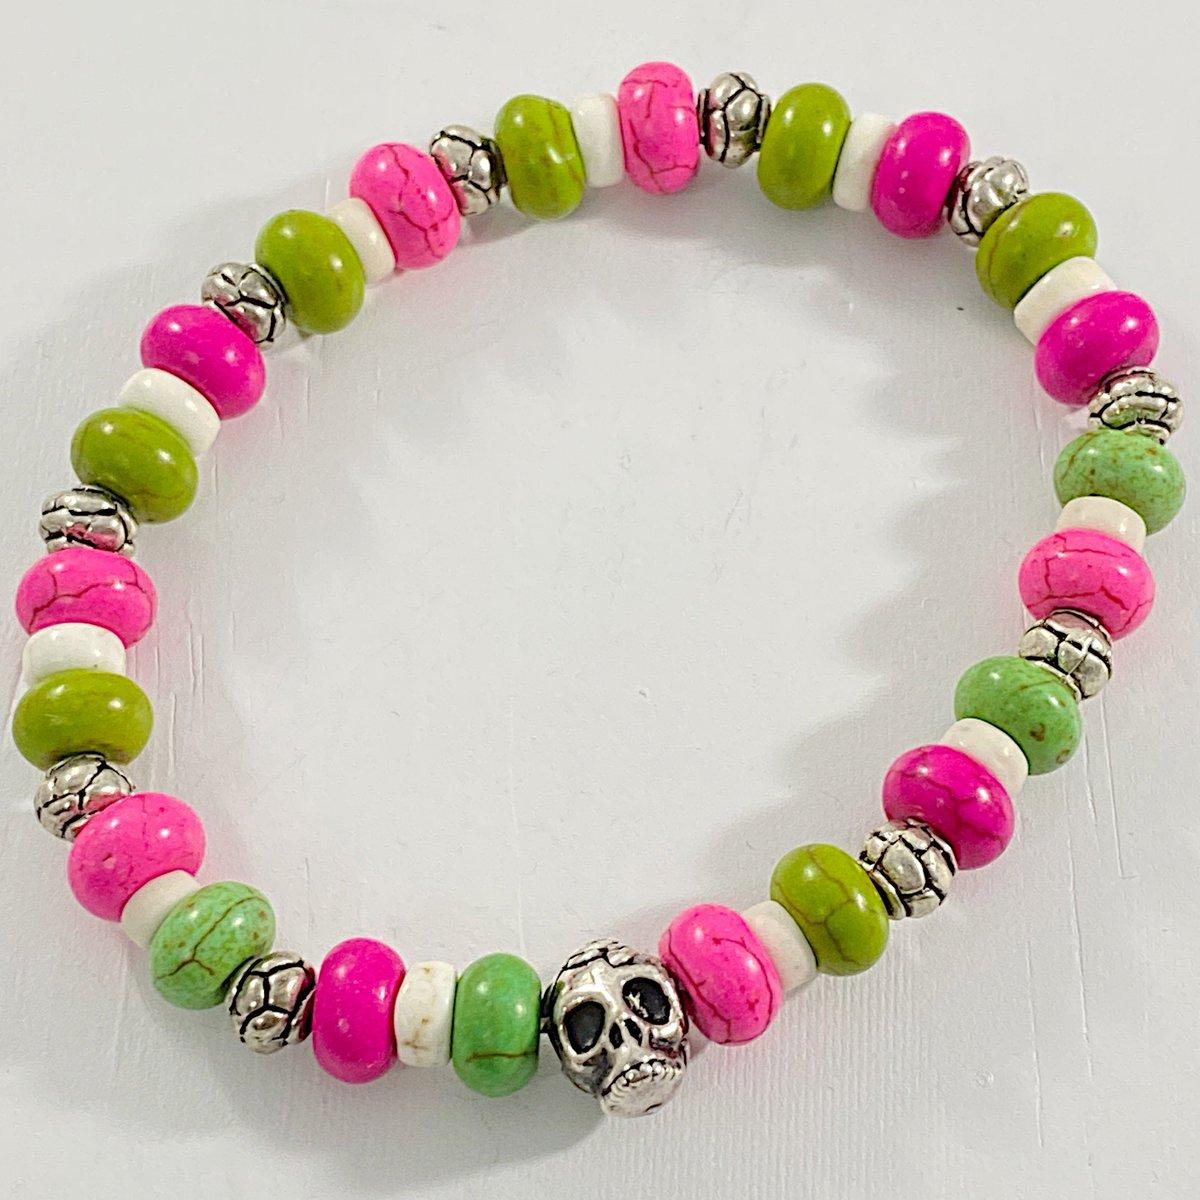 Festival Bracelet, Festival Style, Popular Jewelry, Trending Now, Popular Right Now  #Pottiteam #Jetteam #TrendingNow